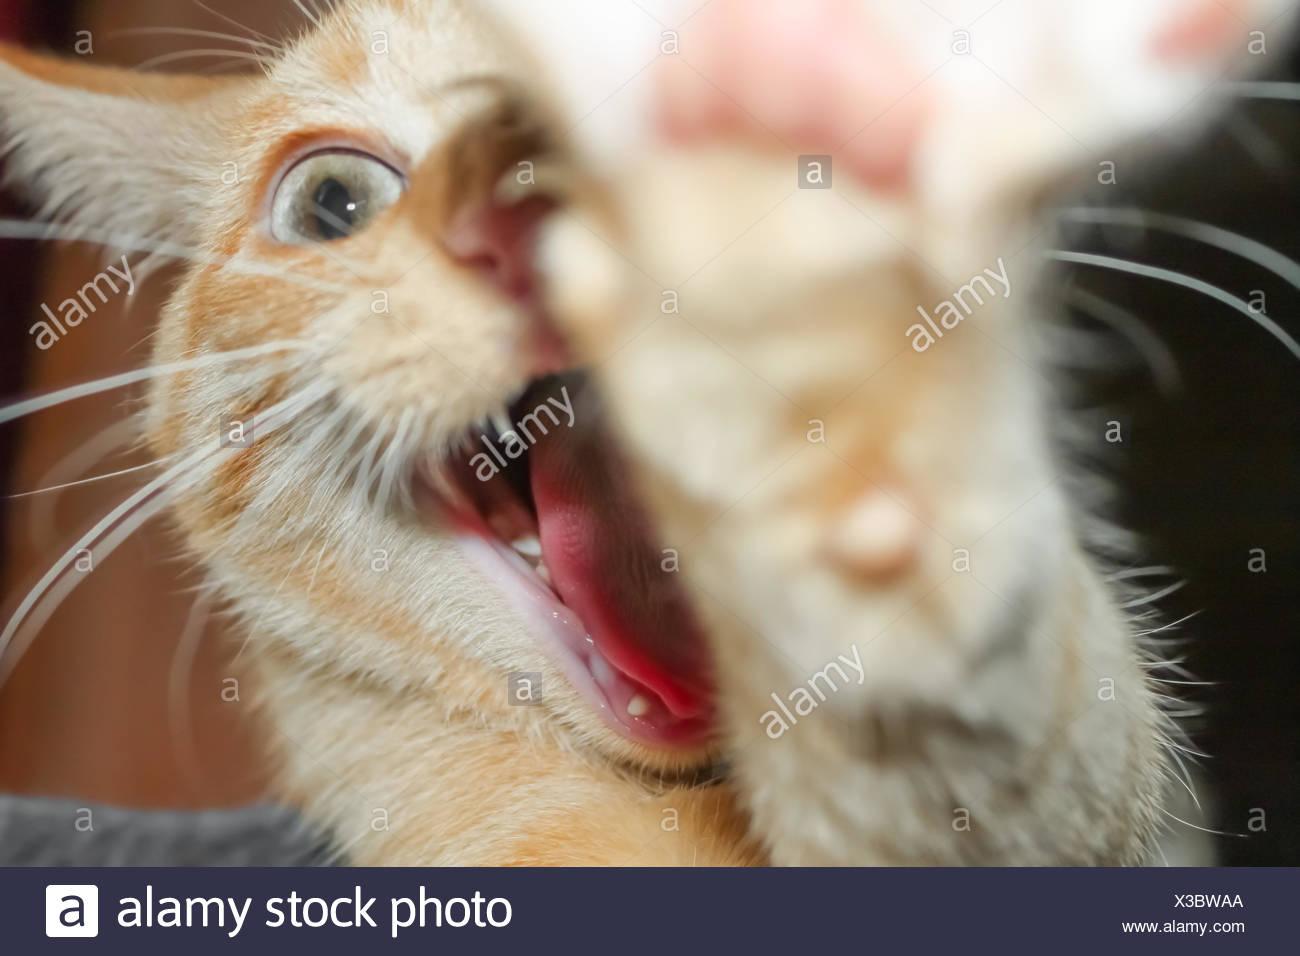 Yawning cat - Stock Image